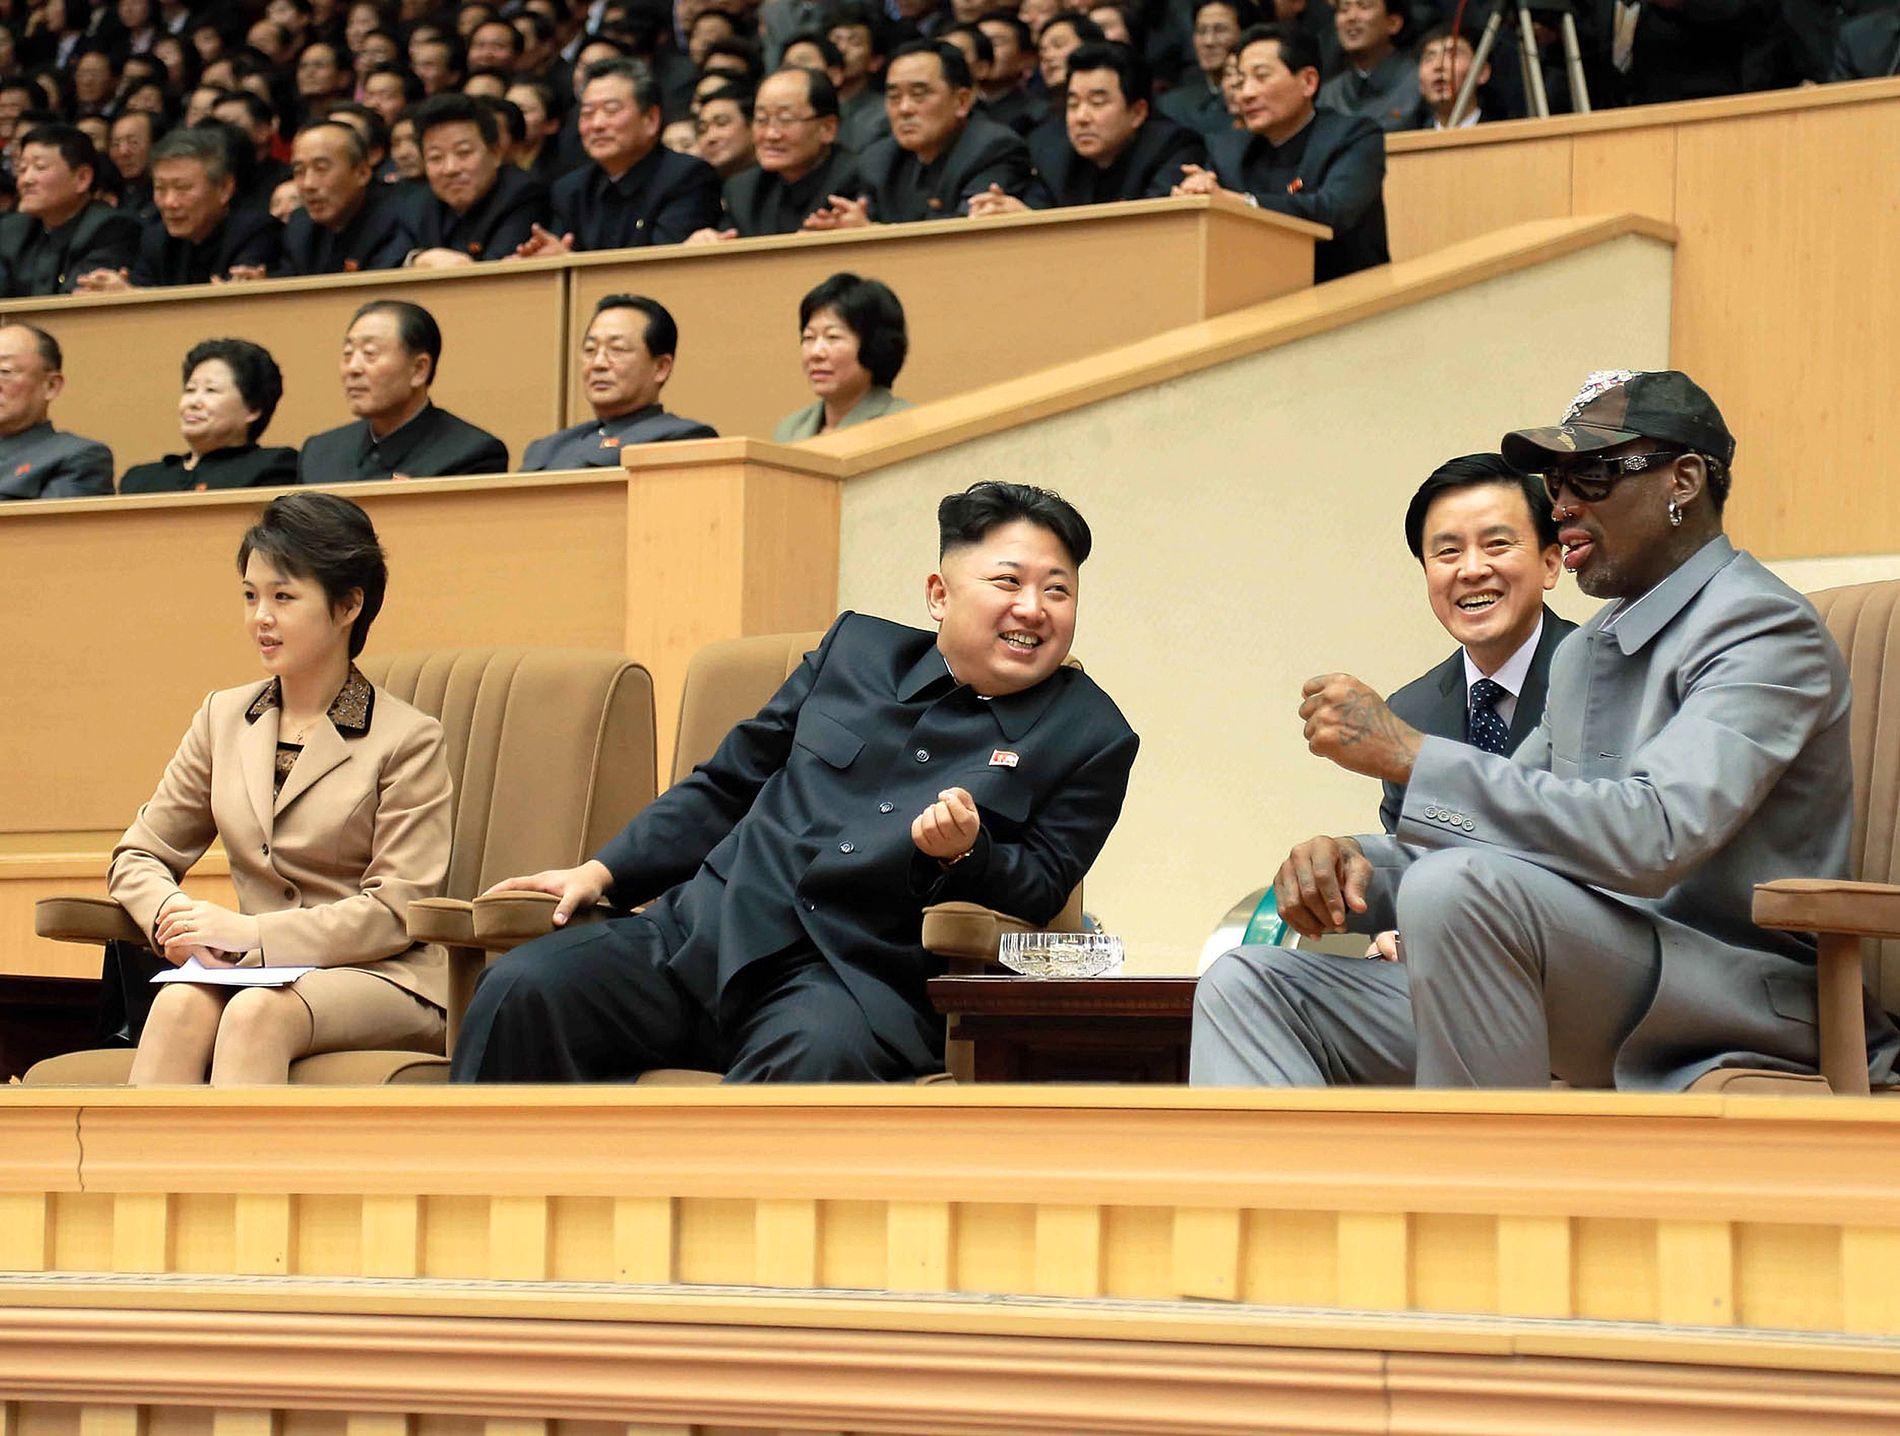 GOD TONE: Stemningen var god da Nord-Koreas leder Kim Jong-un og basketballstjernen Dennis Rodman fulgte en basketballkampmellom tidligere NBA-spillere og nordkoreanske spillere i Pyongyang i januar 2014.